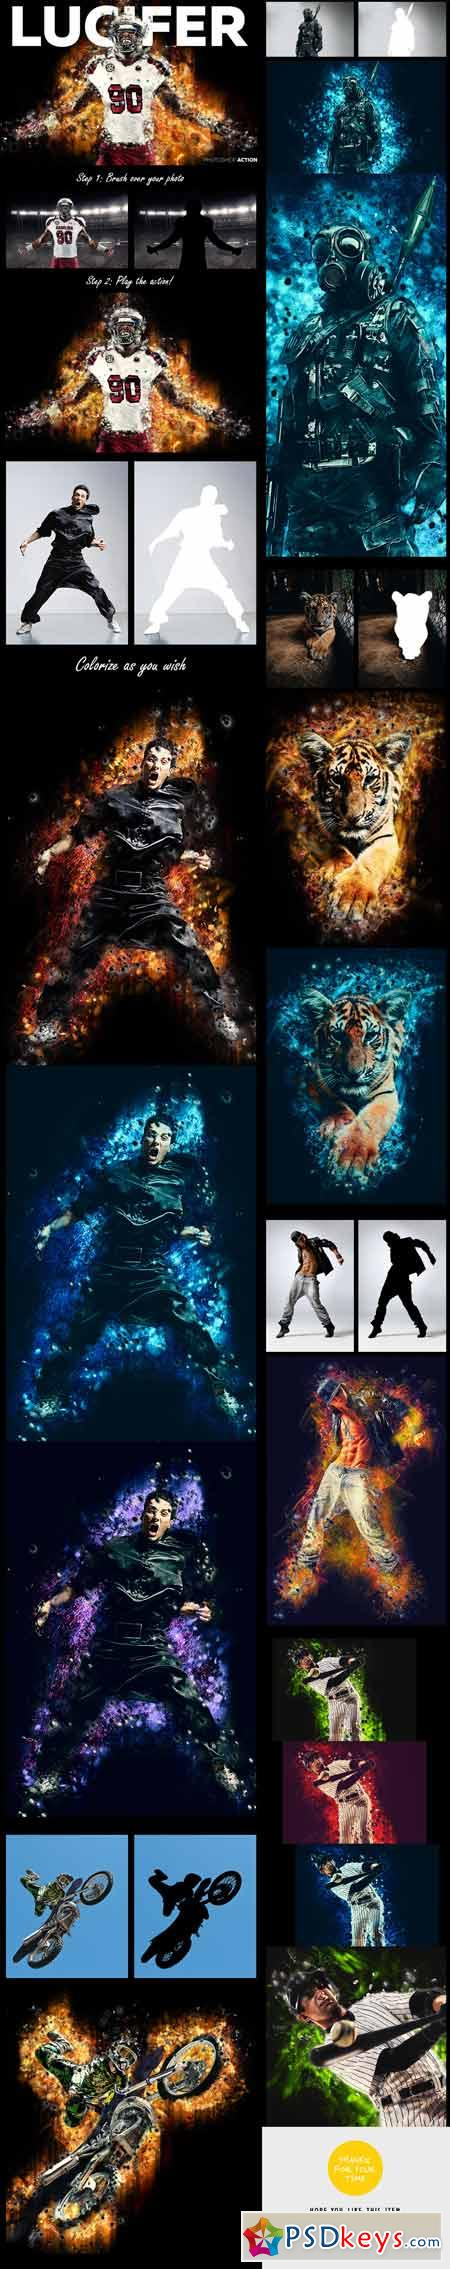 Lucifer Photoshop Action 12426731